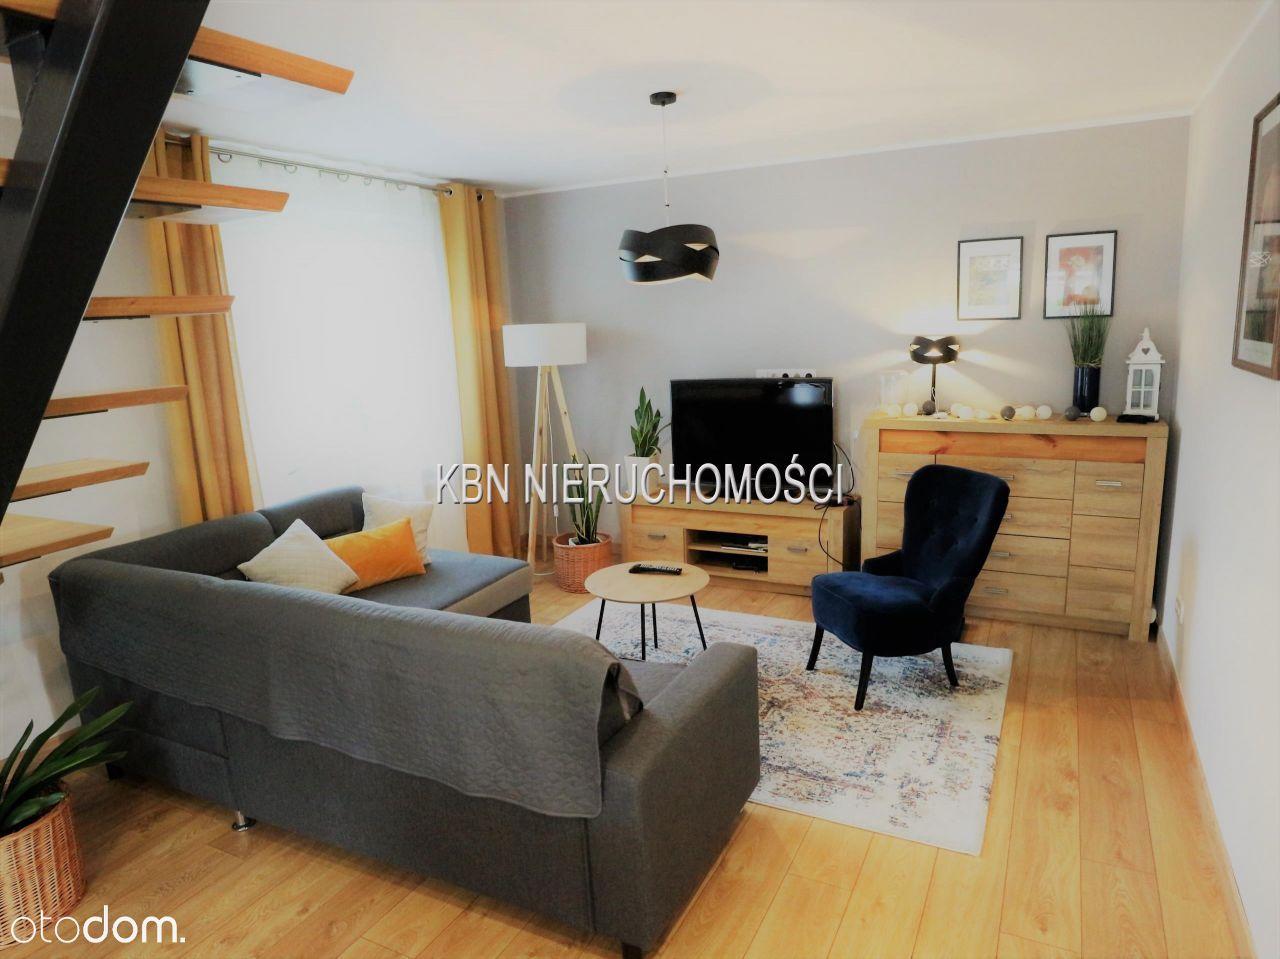 Dom 130 m2 na 9 arowej działce- Wieliczka